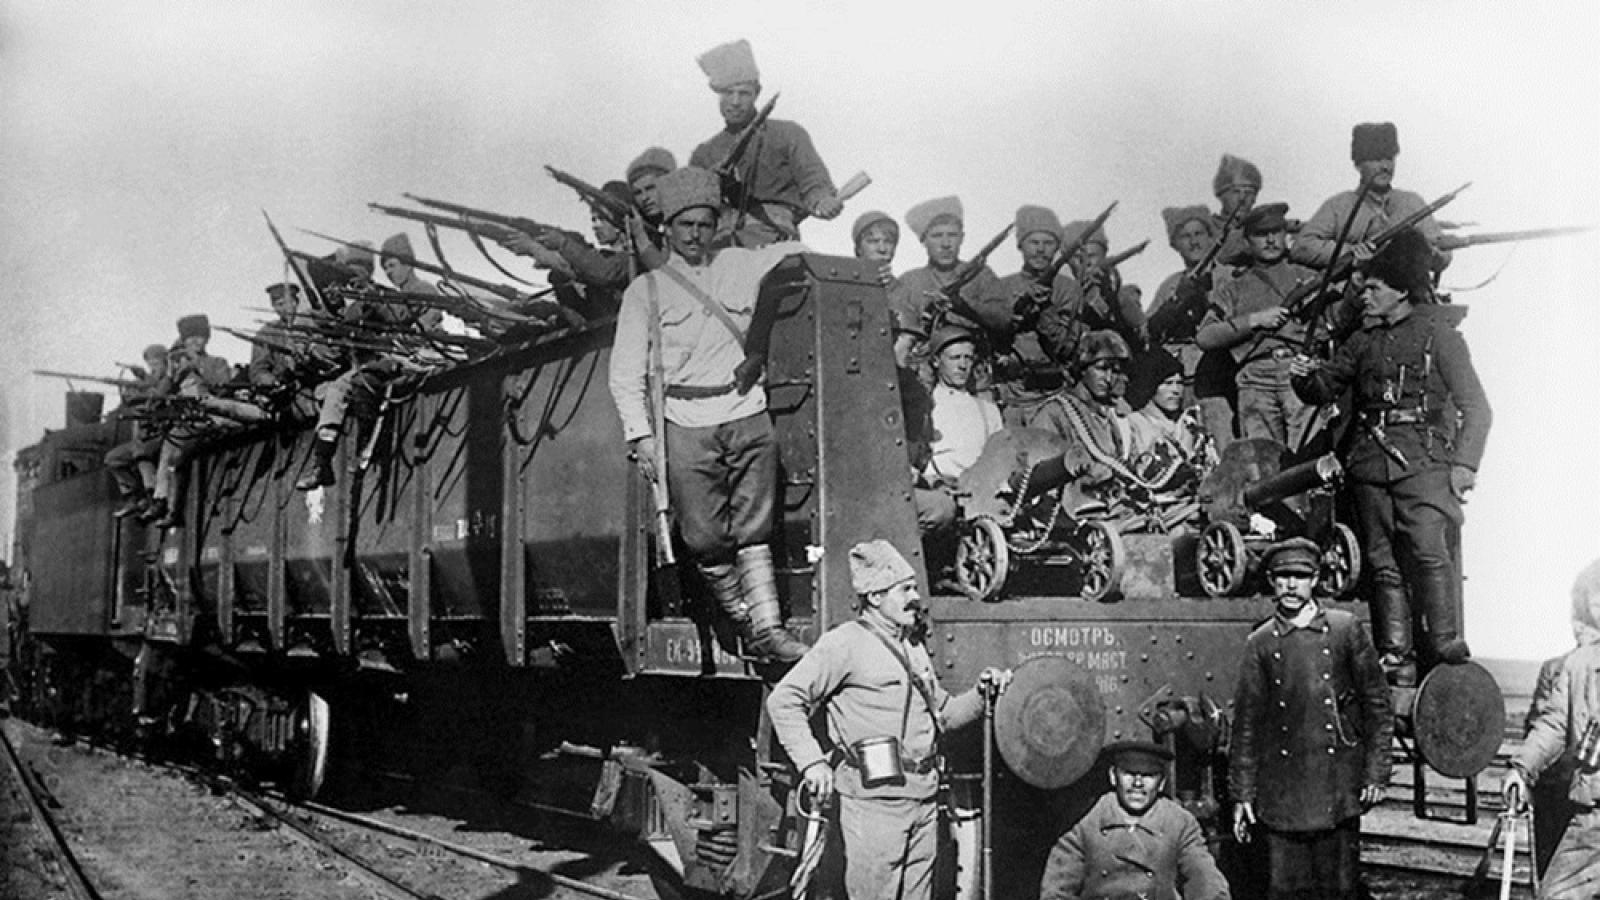 Phe Bạch vệ thất bại ở cơ hội cuối cùng nhằm lật đổ đảng Bolshevik (Nga) như thế nào?